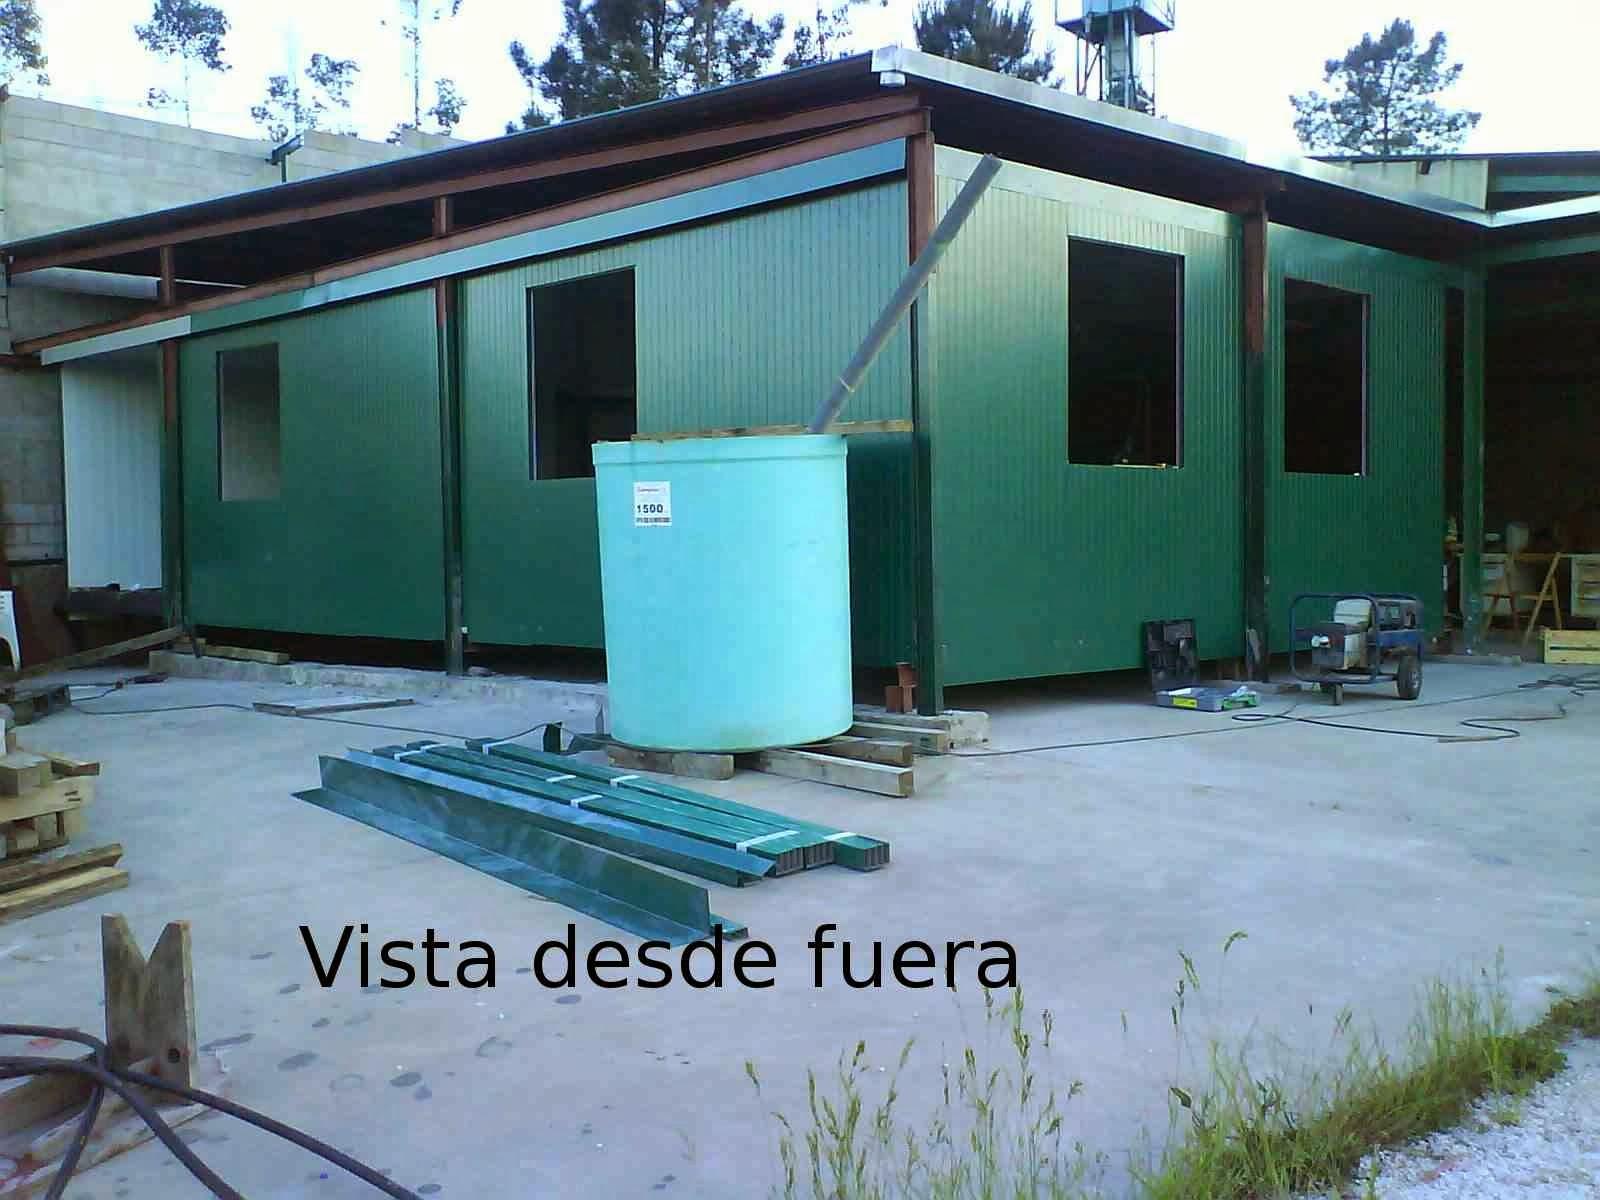 Casas chapa sandwich casetas de casi m nuevas with casas chapa sandwich best panel sandwich - Casas de panel sandwich ...